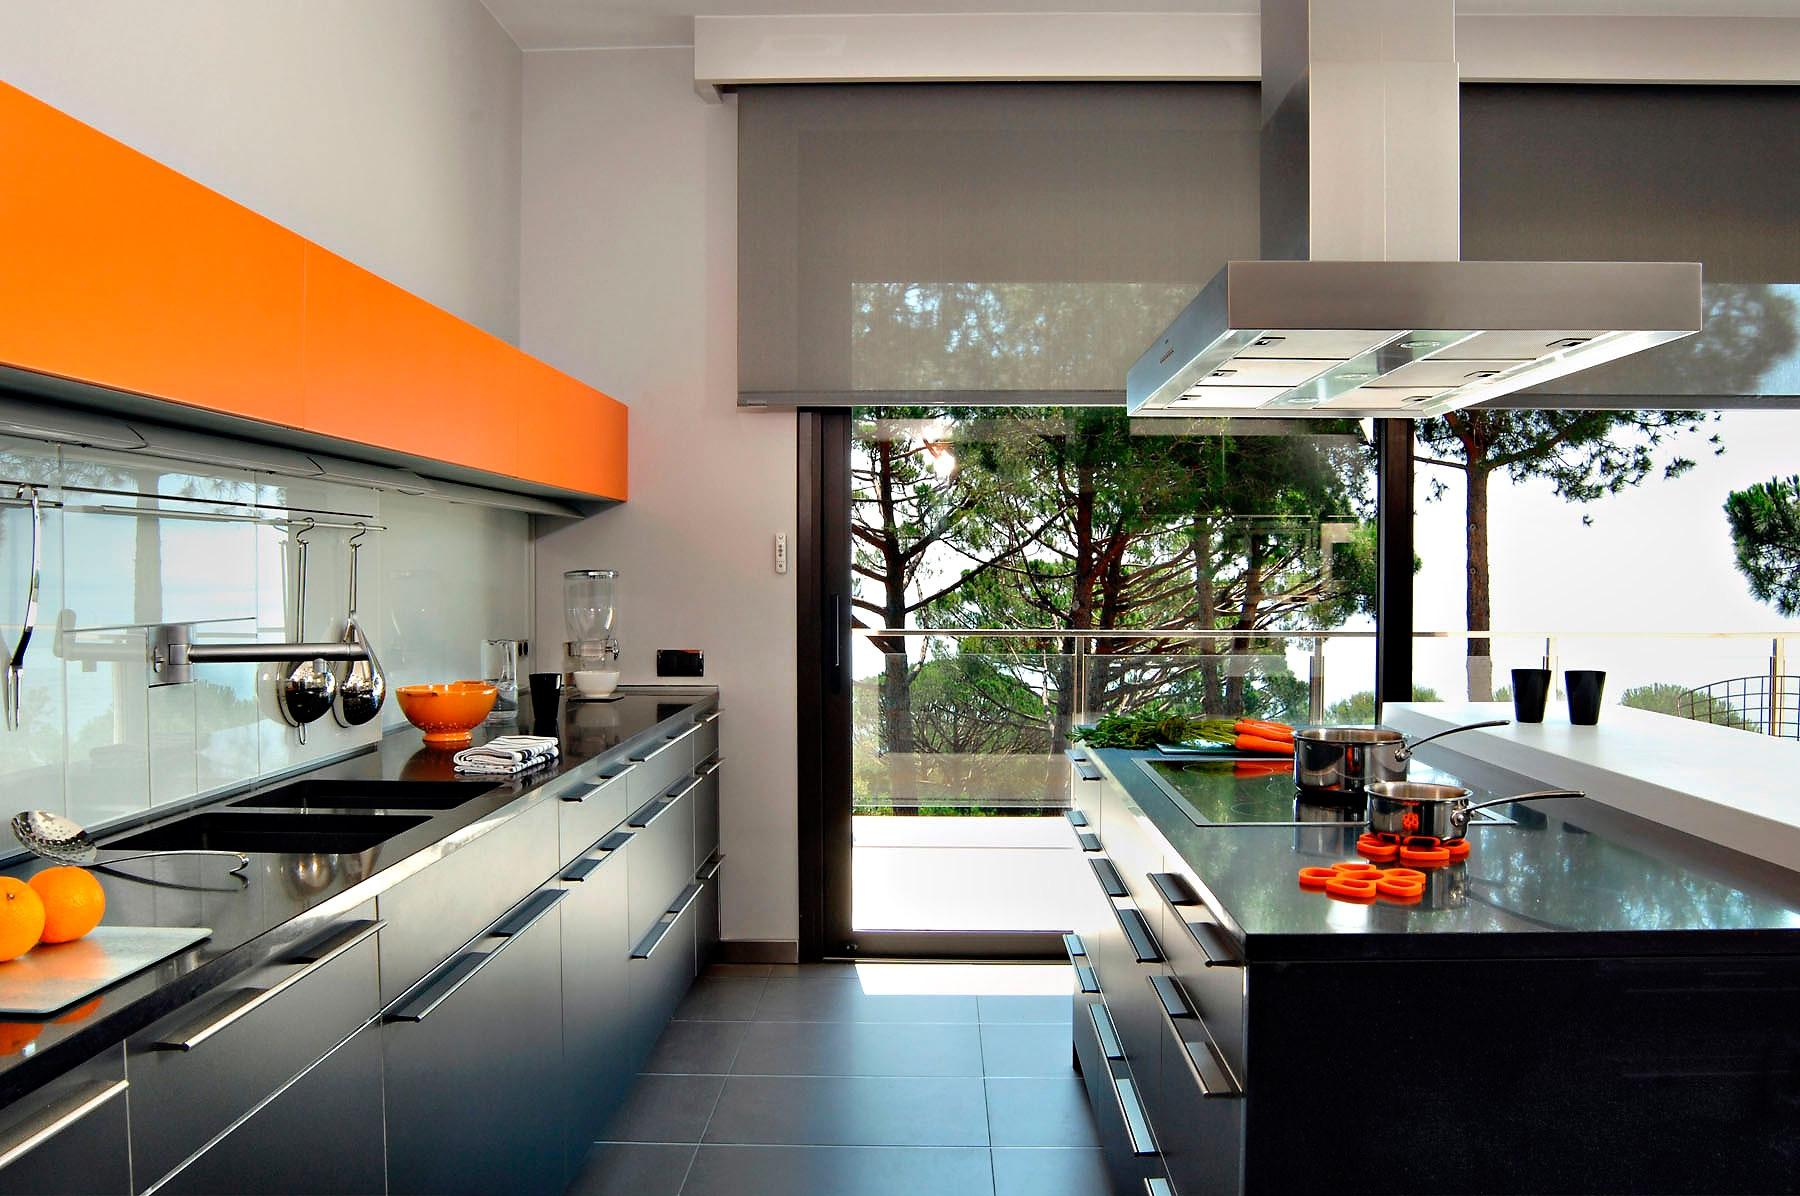 Оранжевый цвет в интерьере (43 фото): многообразие оттенков и сочетаний